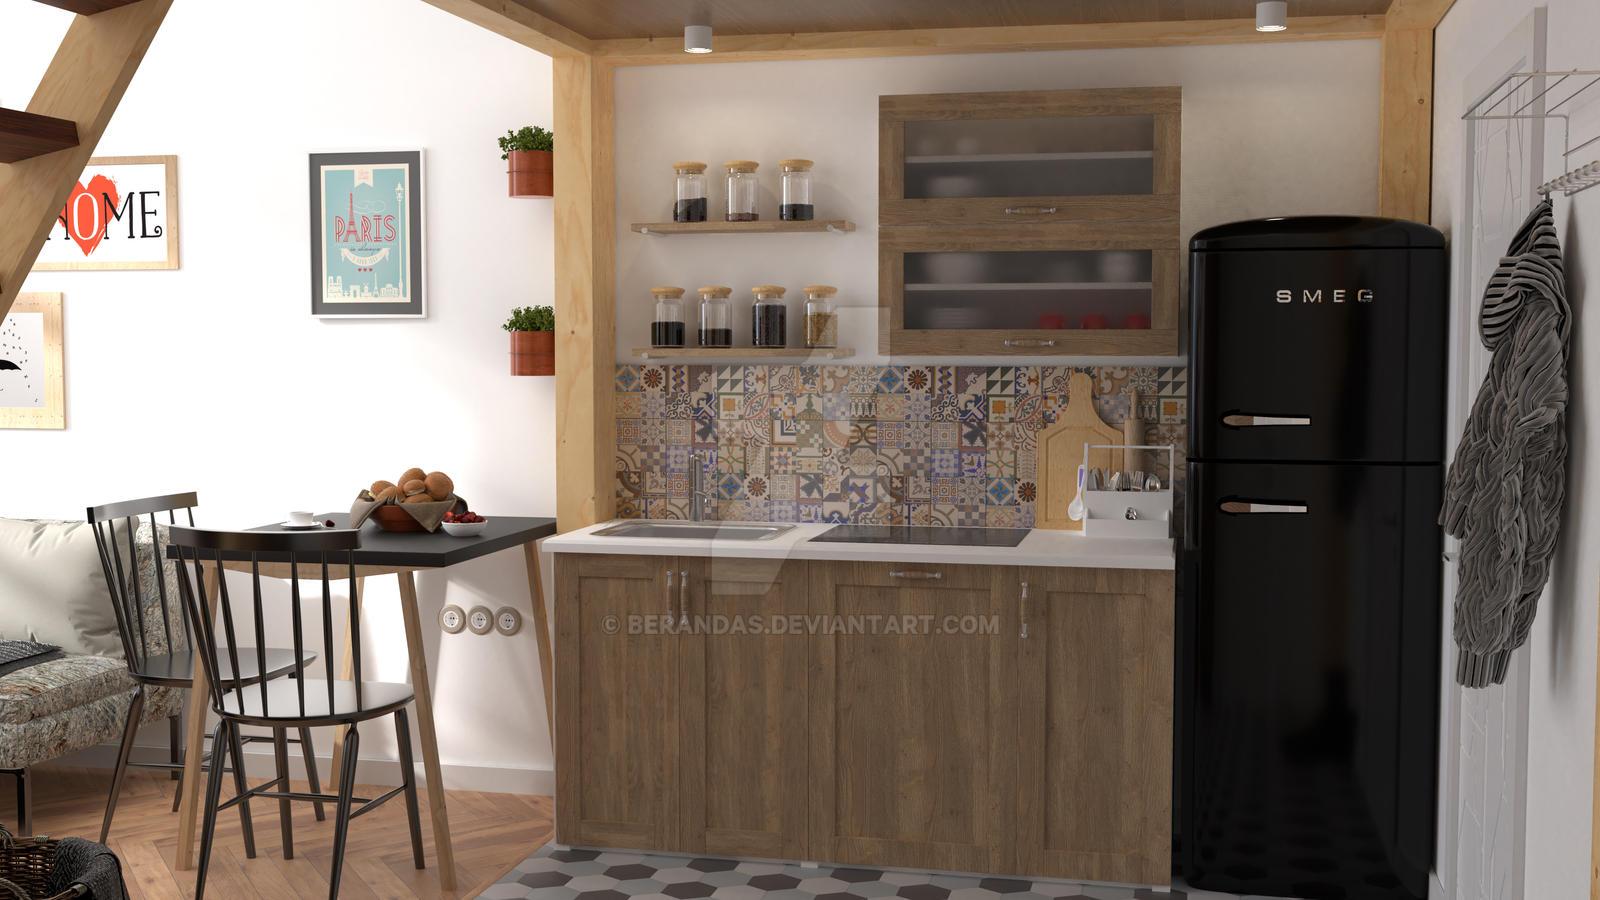 Kitchen Interior Design Preview by Berandas